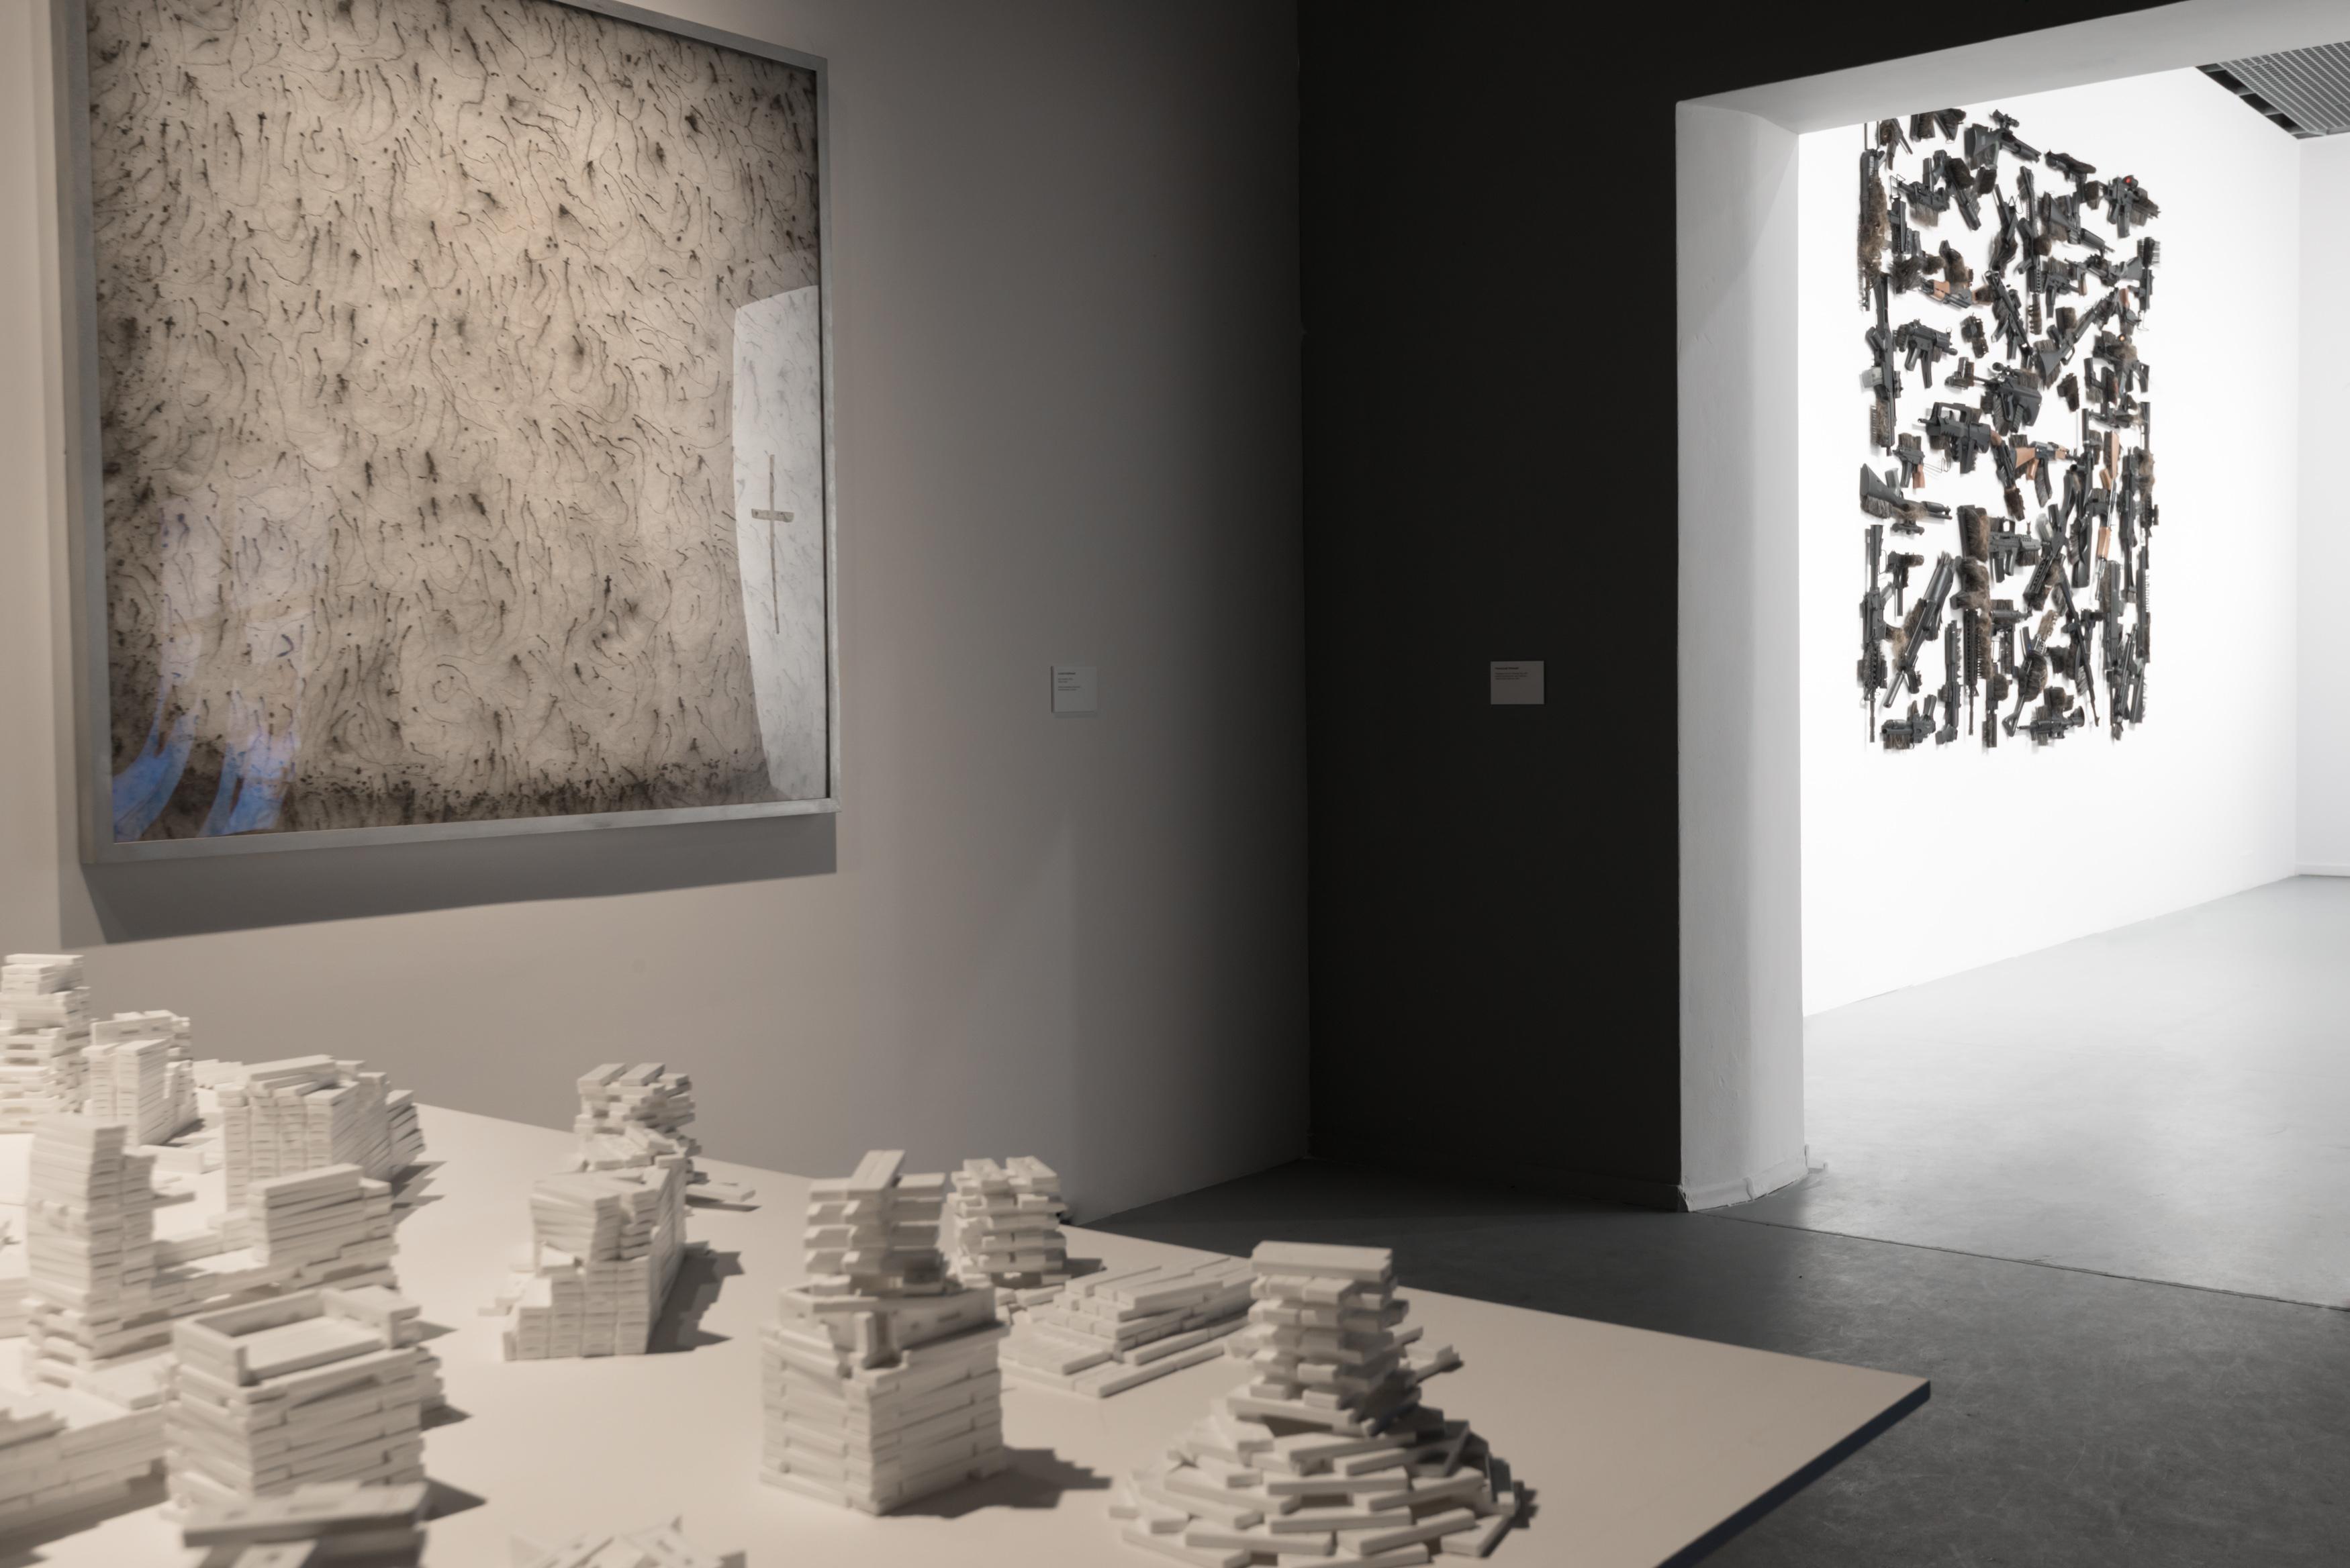 Przestrajanie, widok wystawy